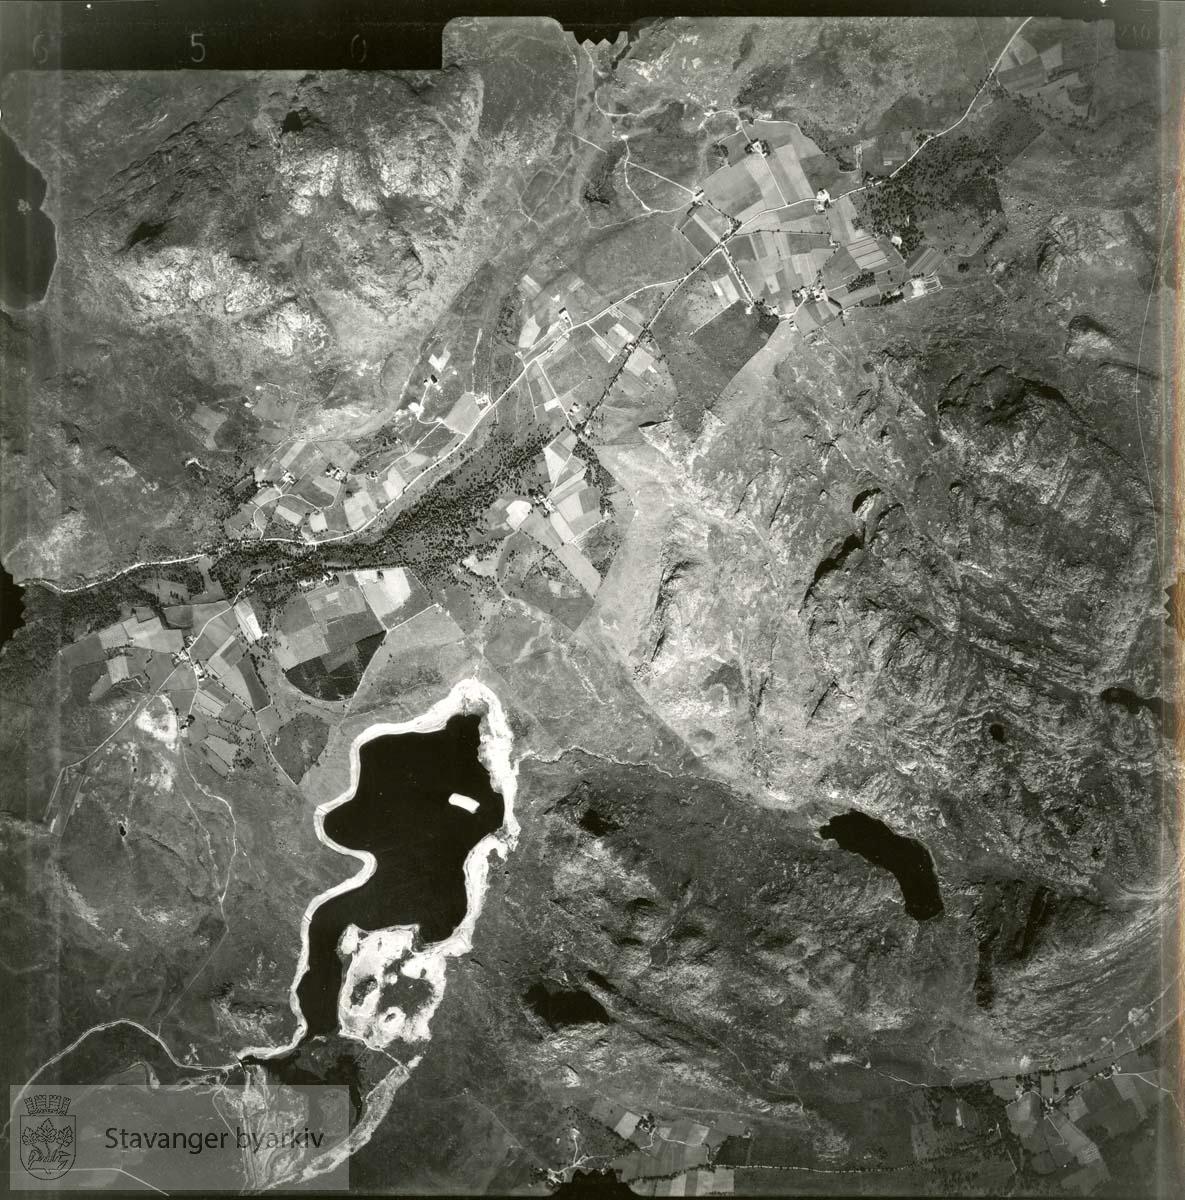 Jfr. kart/fotoplan I11/650..Skjelbreitjørna, Skjelbrei, Noredalen..Se ByStW_Uca_002 (kan lastes ned under fanen for kart på Stavangerbilder)